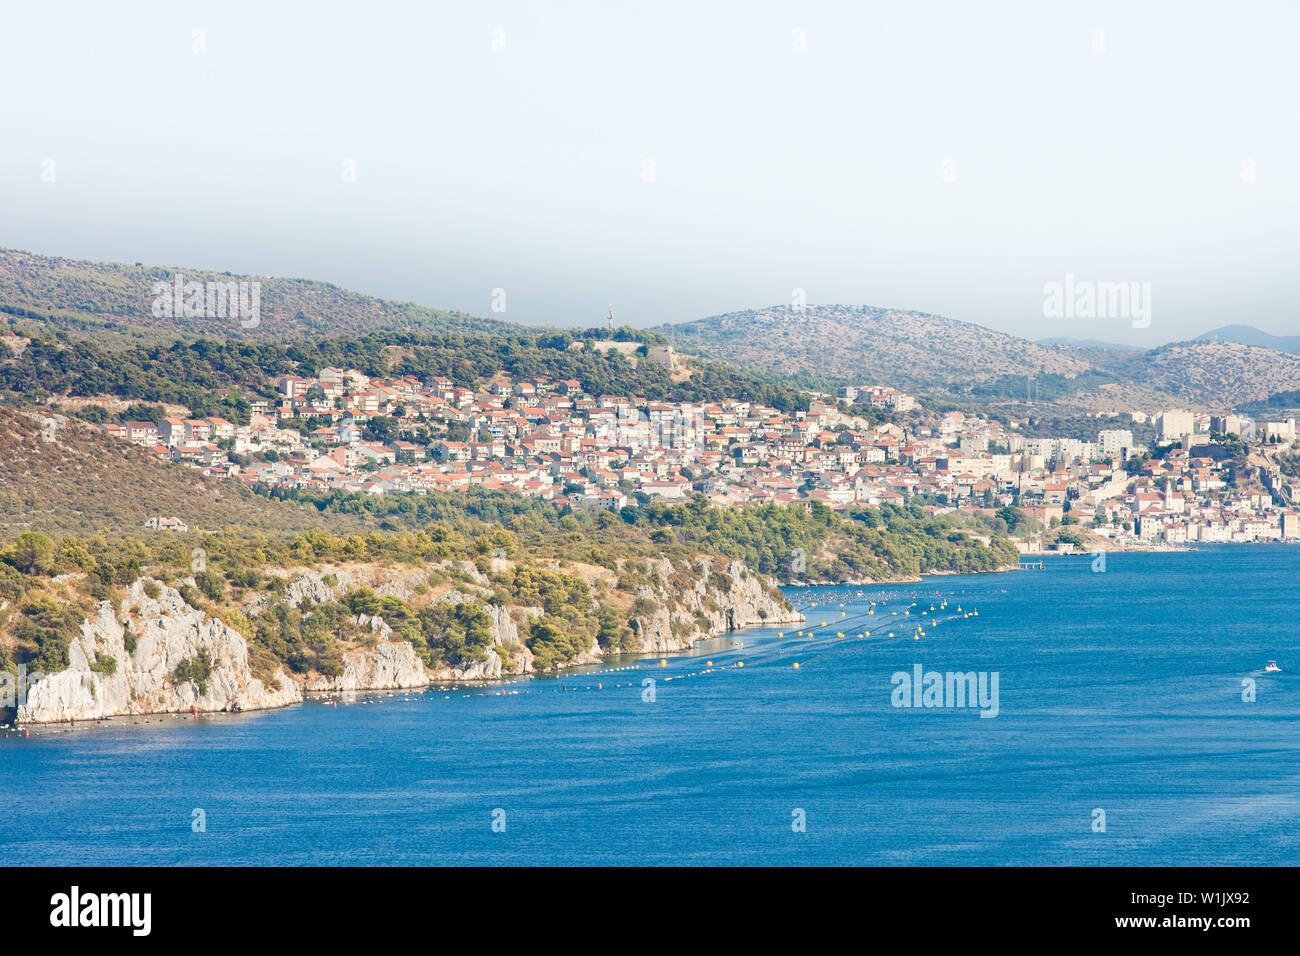 Sibenik, Kroatien, Europa - Besuch der schönen Stadt Sibenik Stockfoto